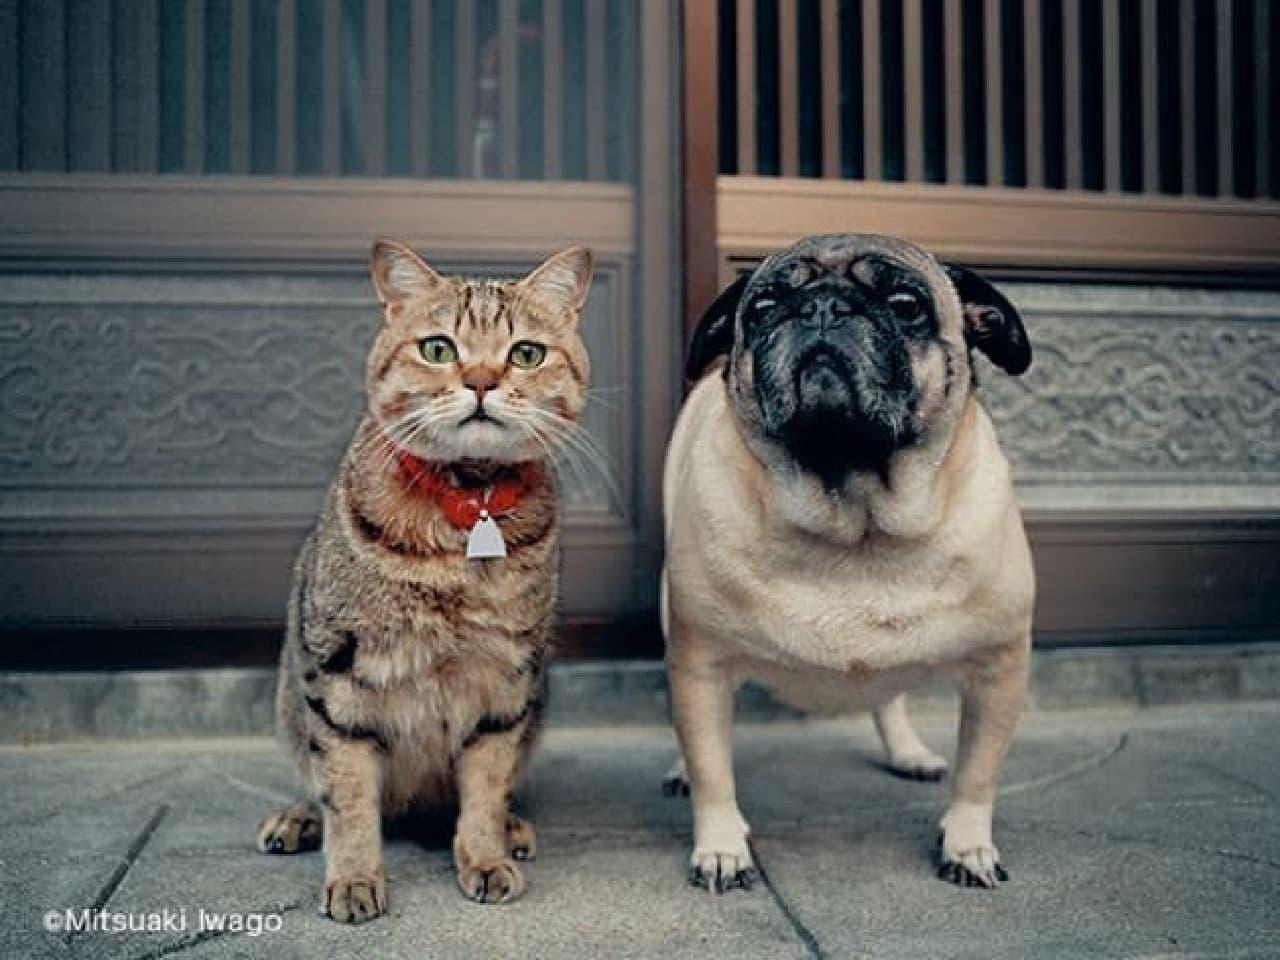 岩合光昭氏の猫写真展